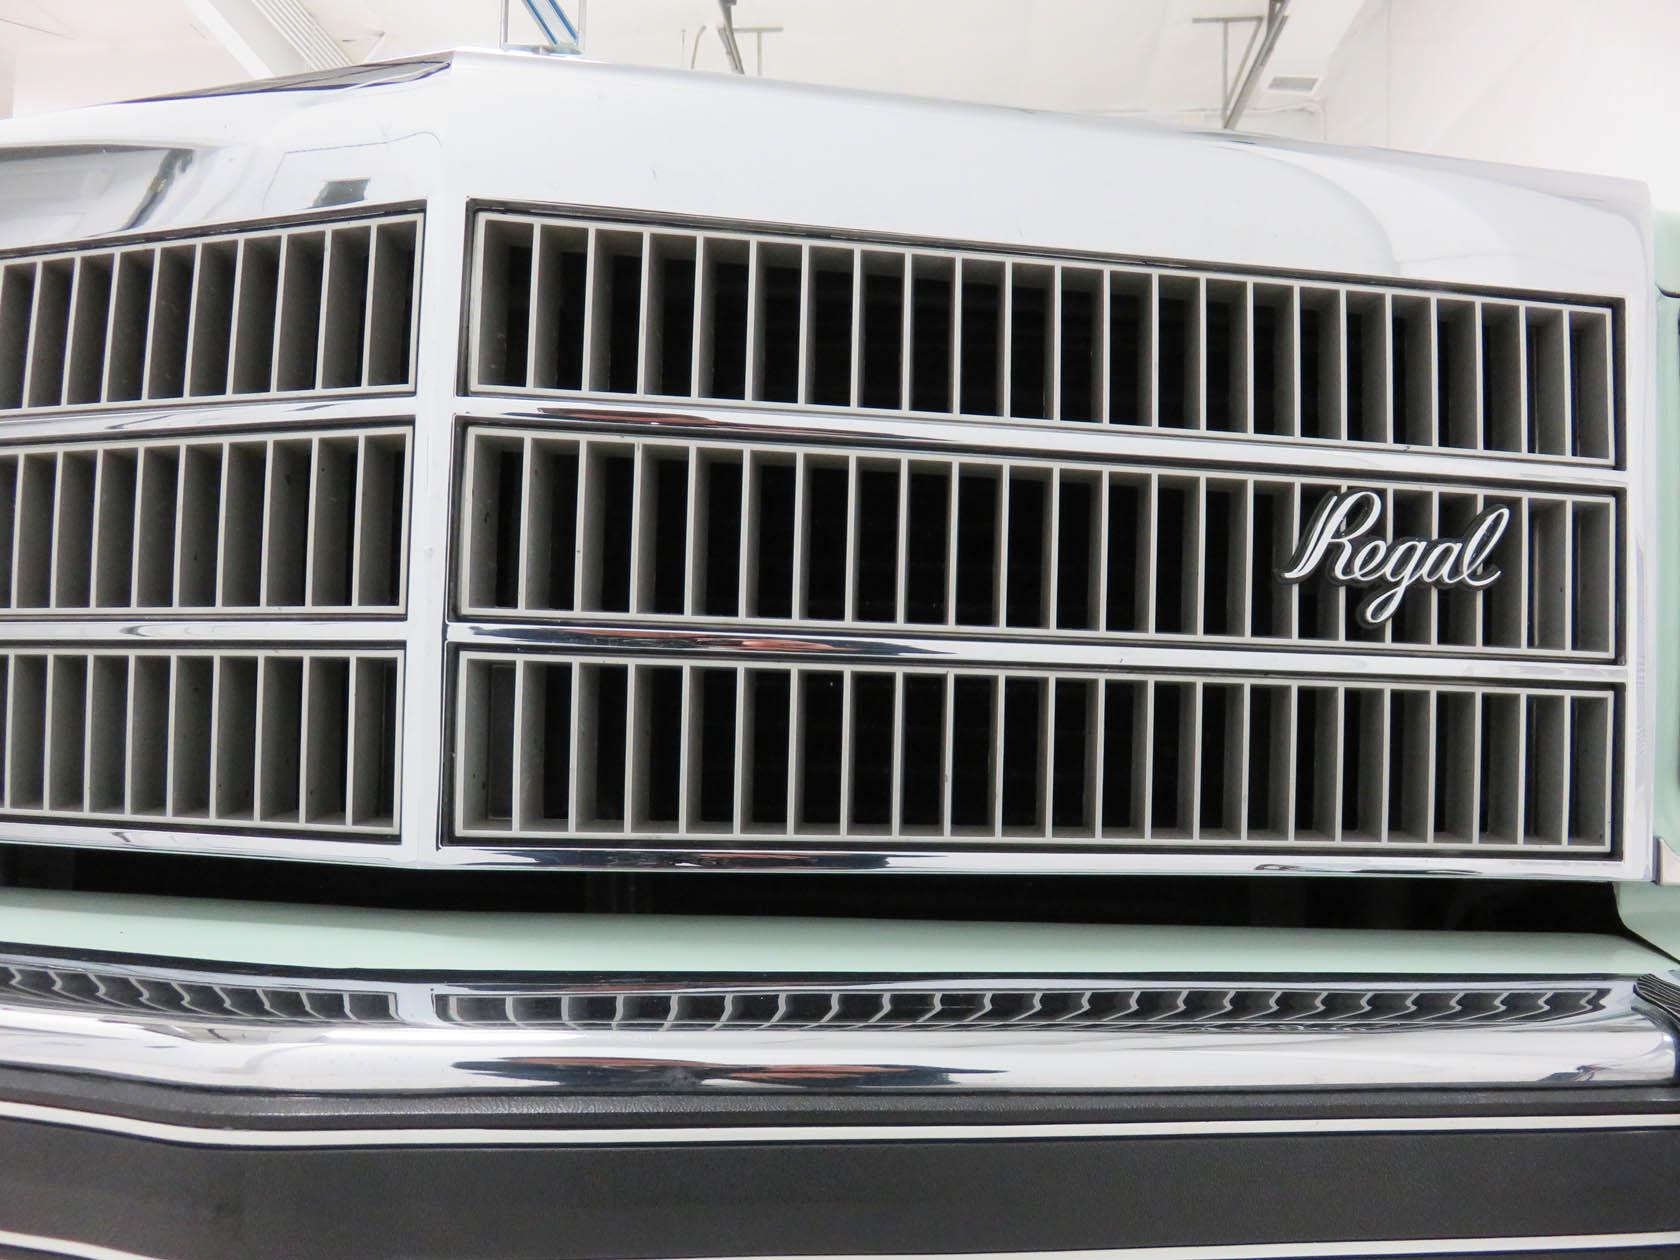 Michael Esposito - 1974 Oldsmobile Cutlasss Supreme 311